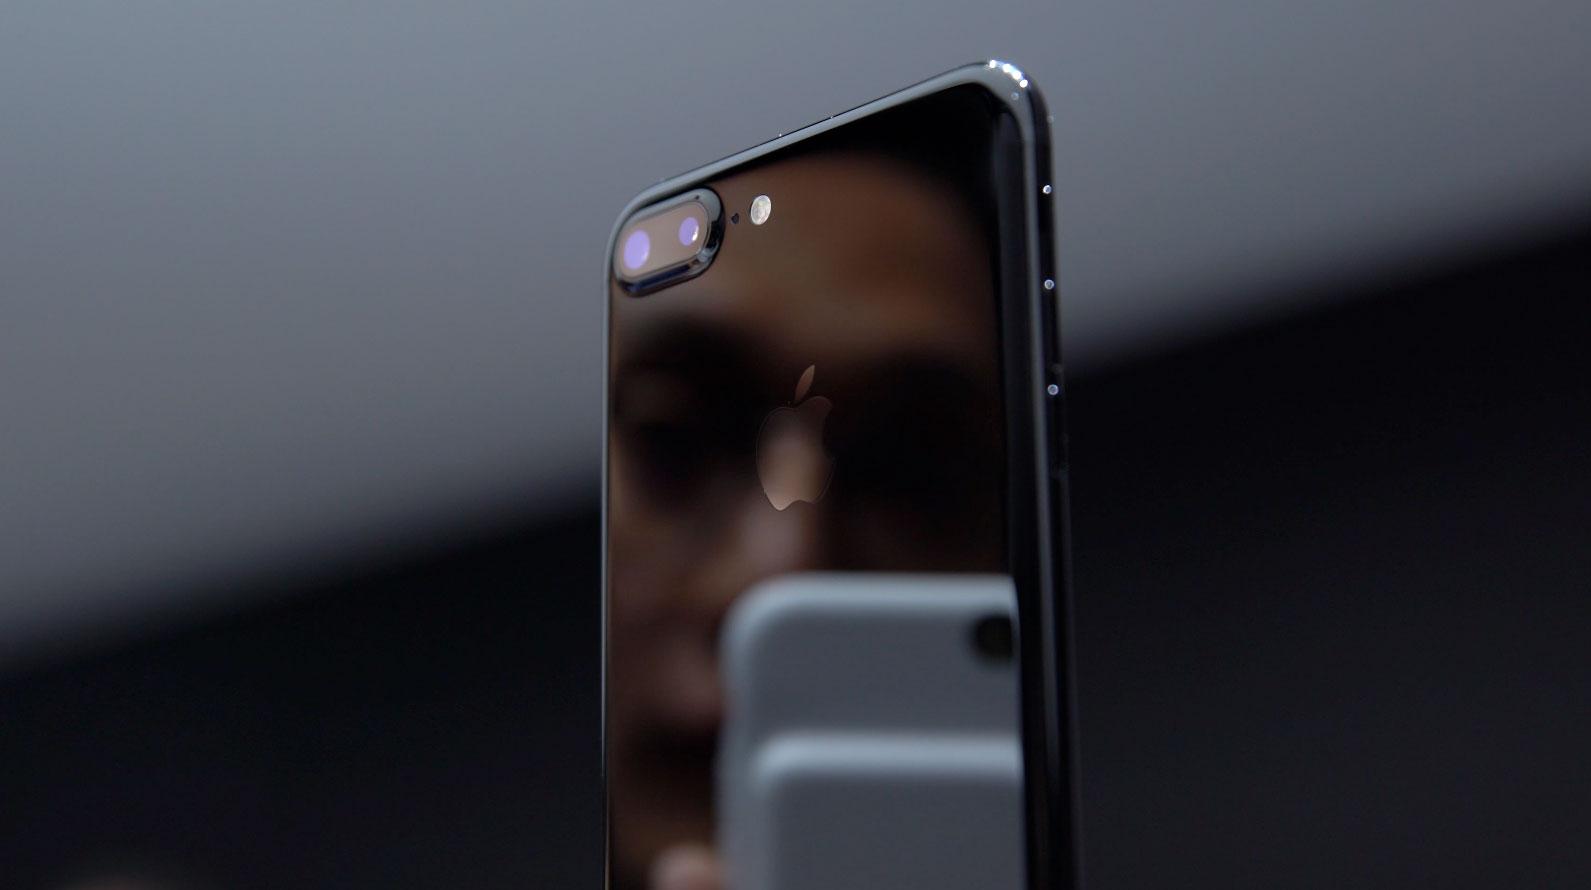 die neuen iphone 7 farben bilder der apple qualit t in hochglanz optik update giga. Black Bedroom Furniture Sets. Home Design Ideas